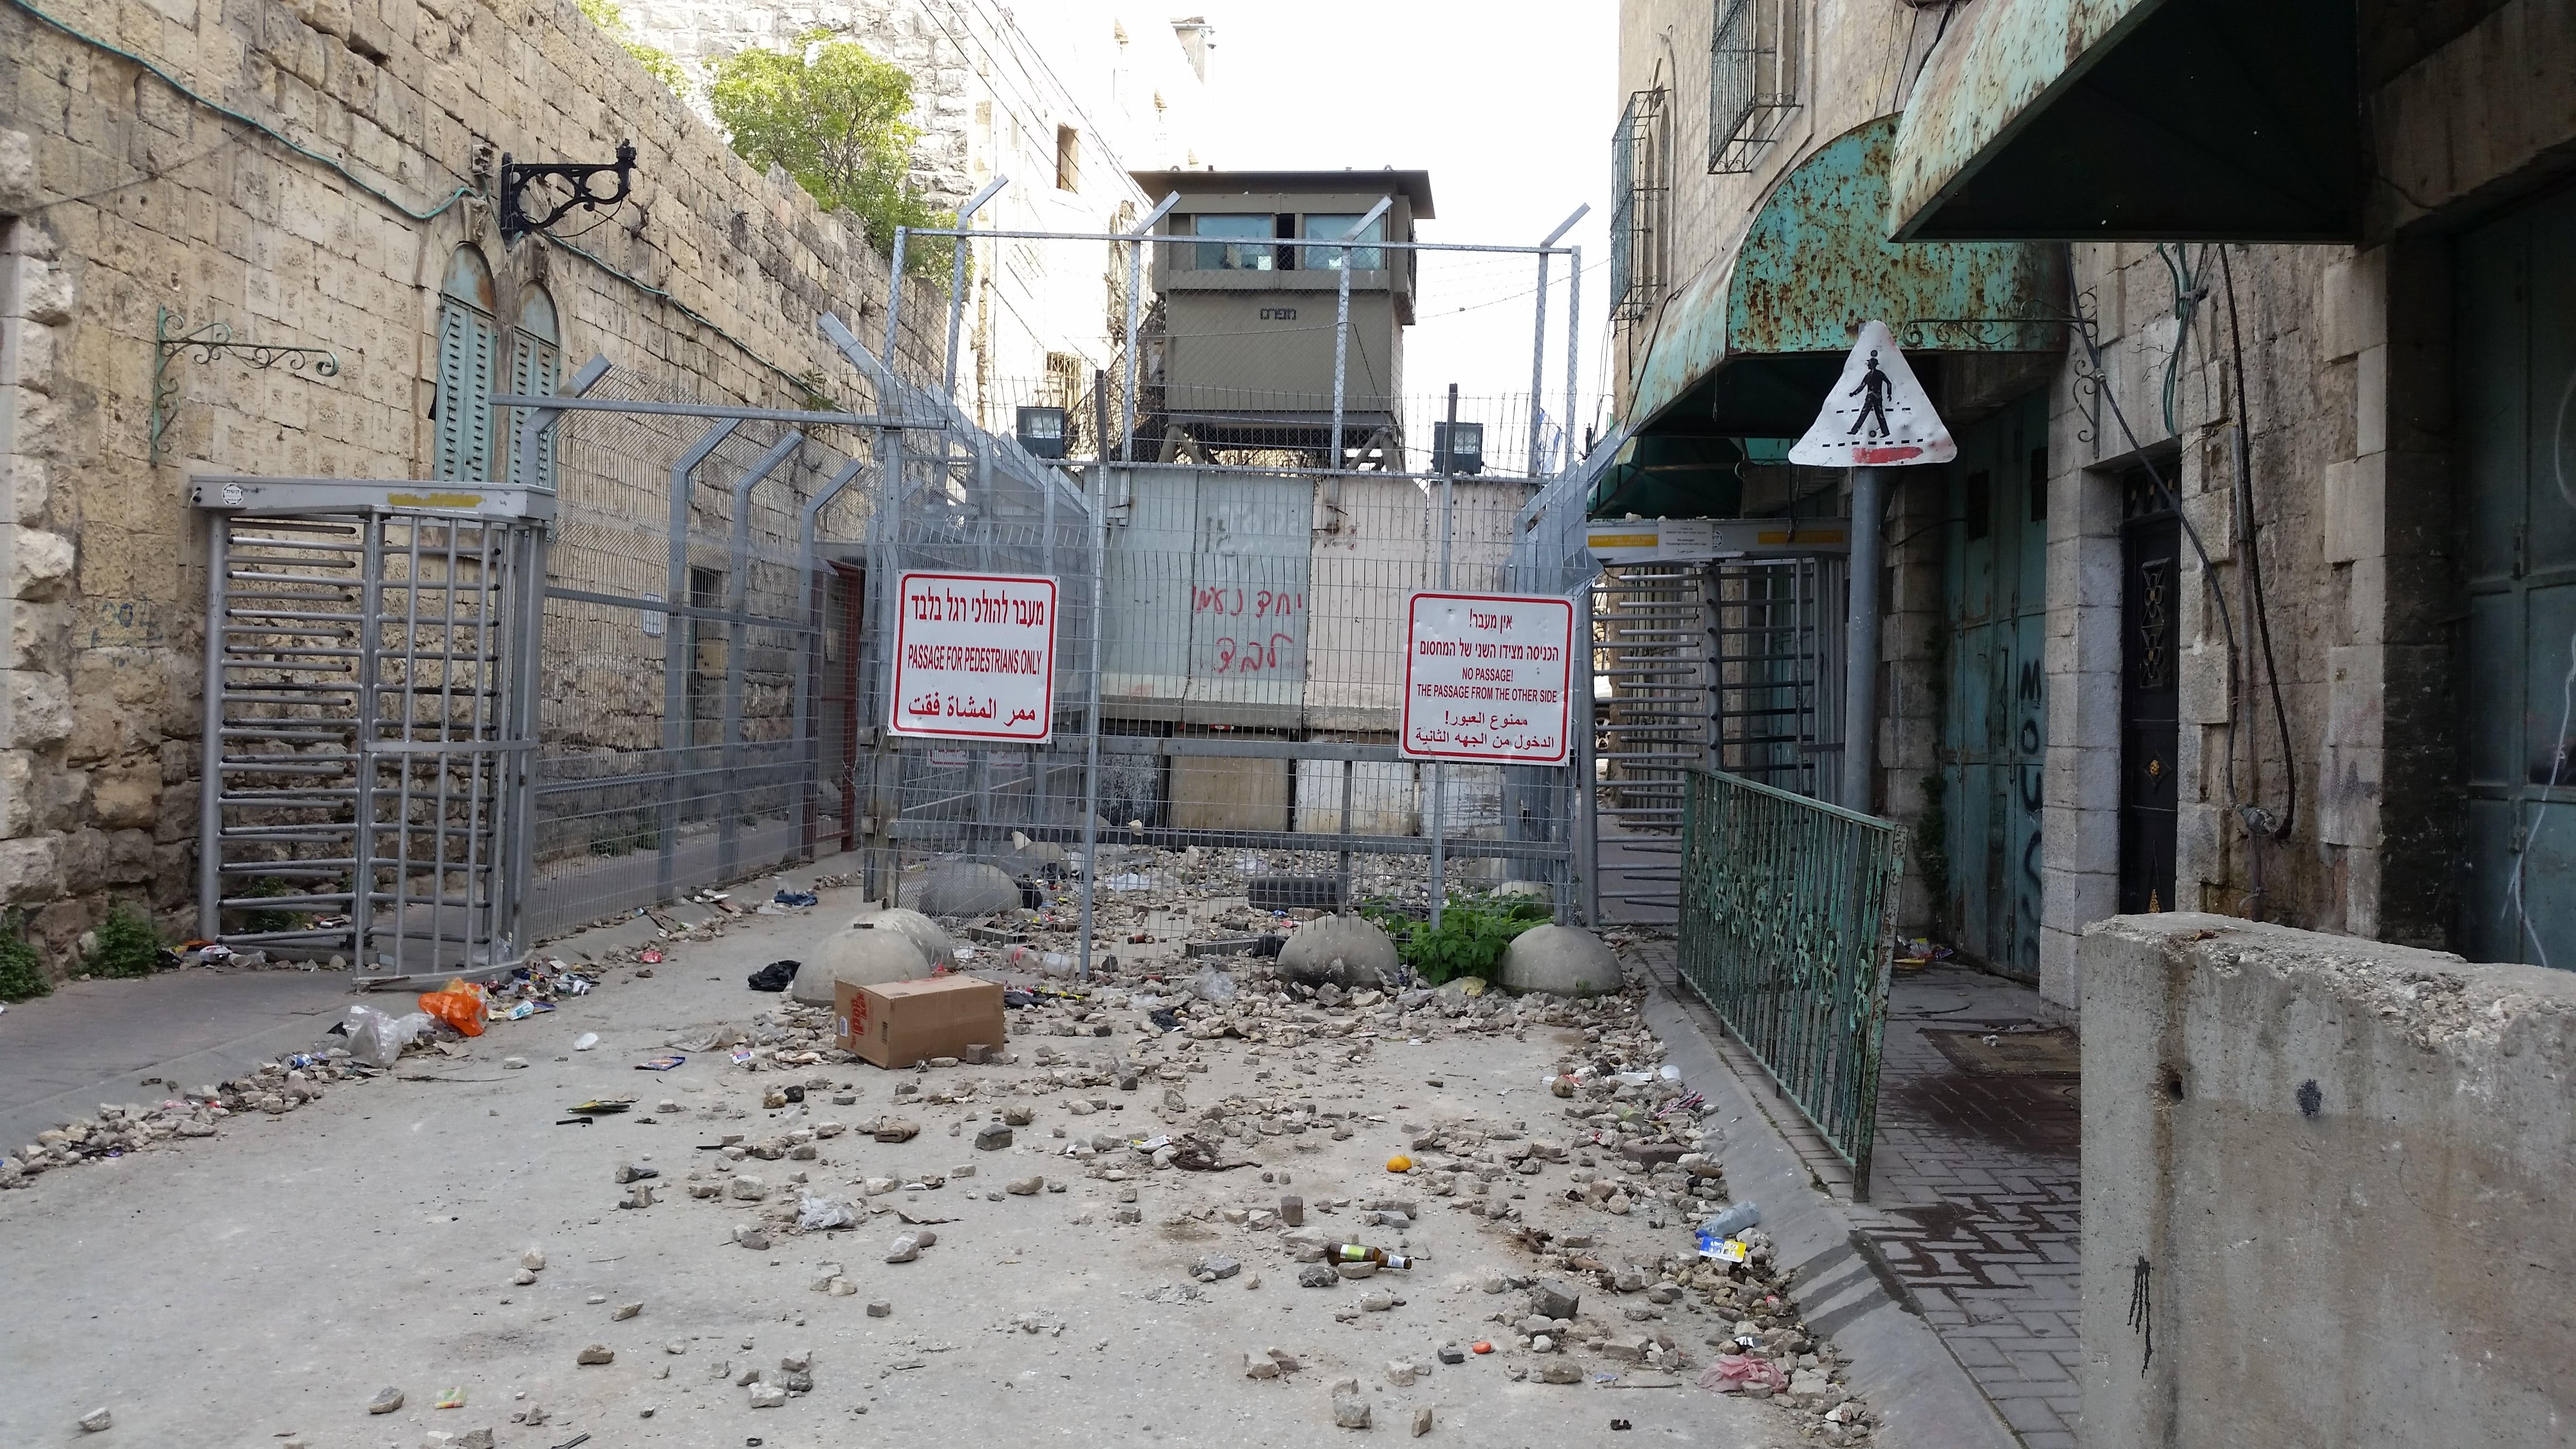 Ellenőrző pont Hebron belvárosában, az Al-Shuhada utcán, az izraeli katonaság lezárta az utcát a palesztin lakosok előtt. Régen ez volt a fő piaci utca, ma már nem lehetnek itt nyitva palesztin boltok.<br />